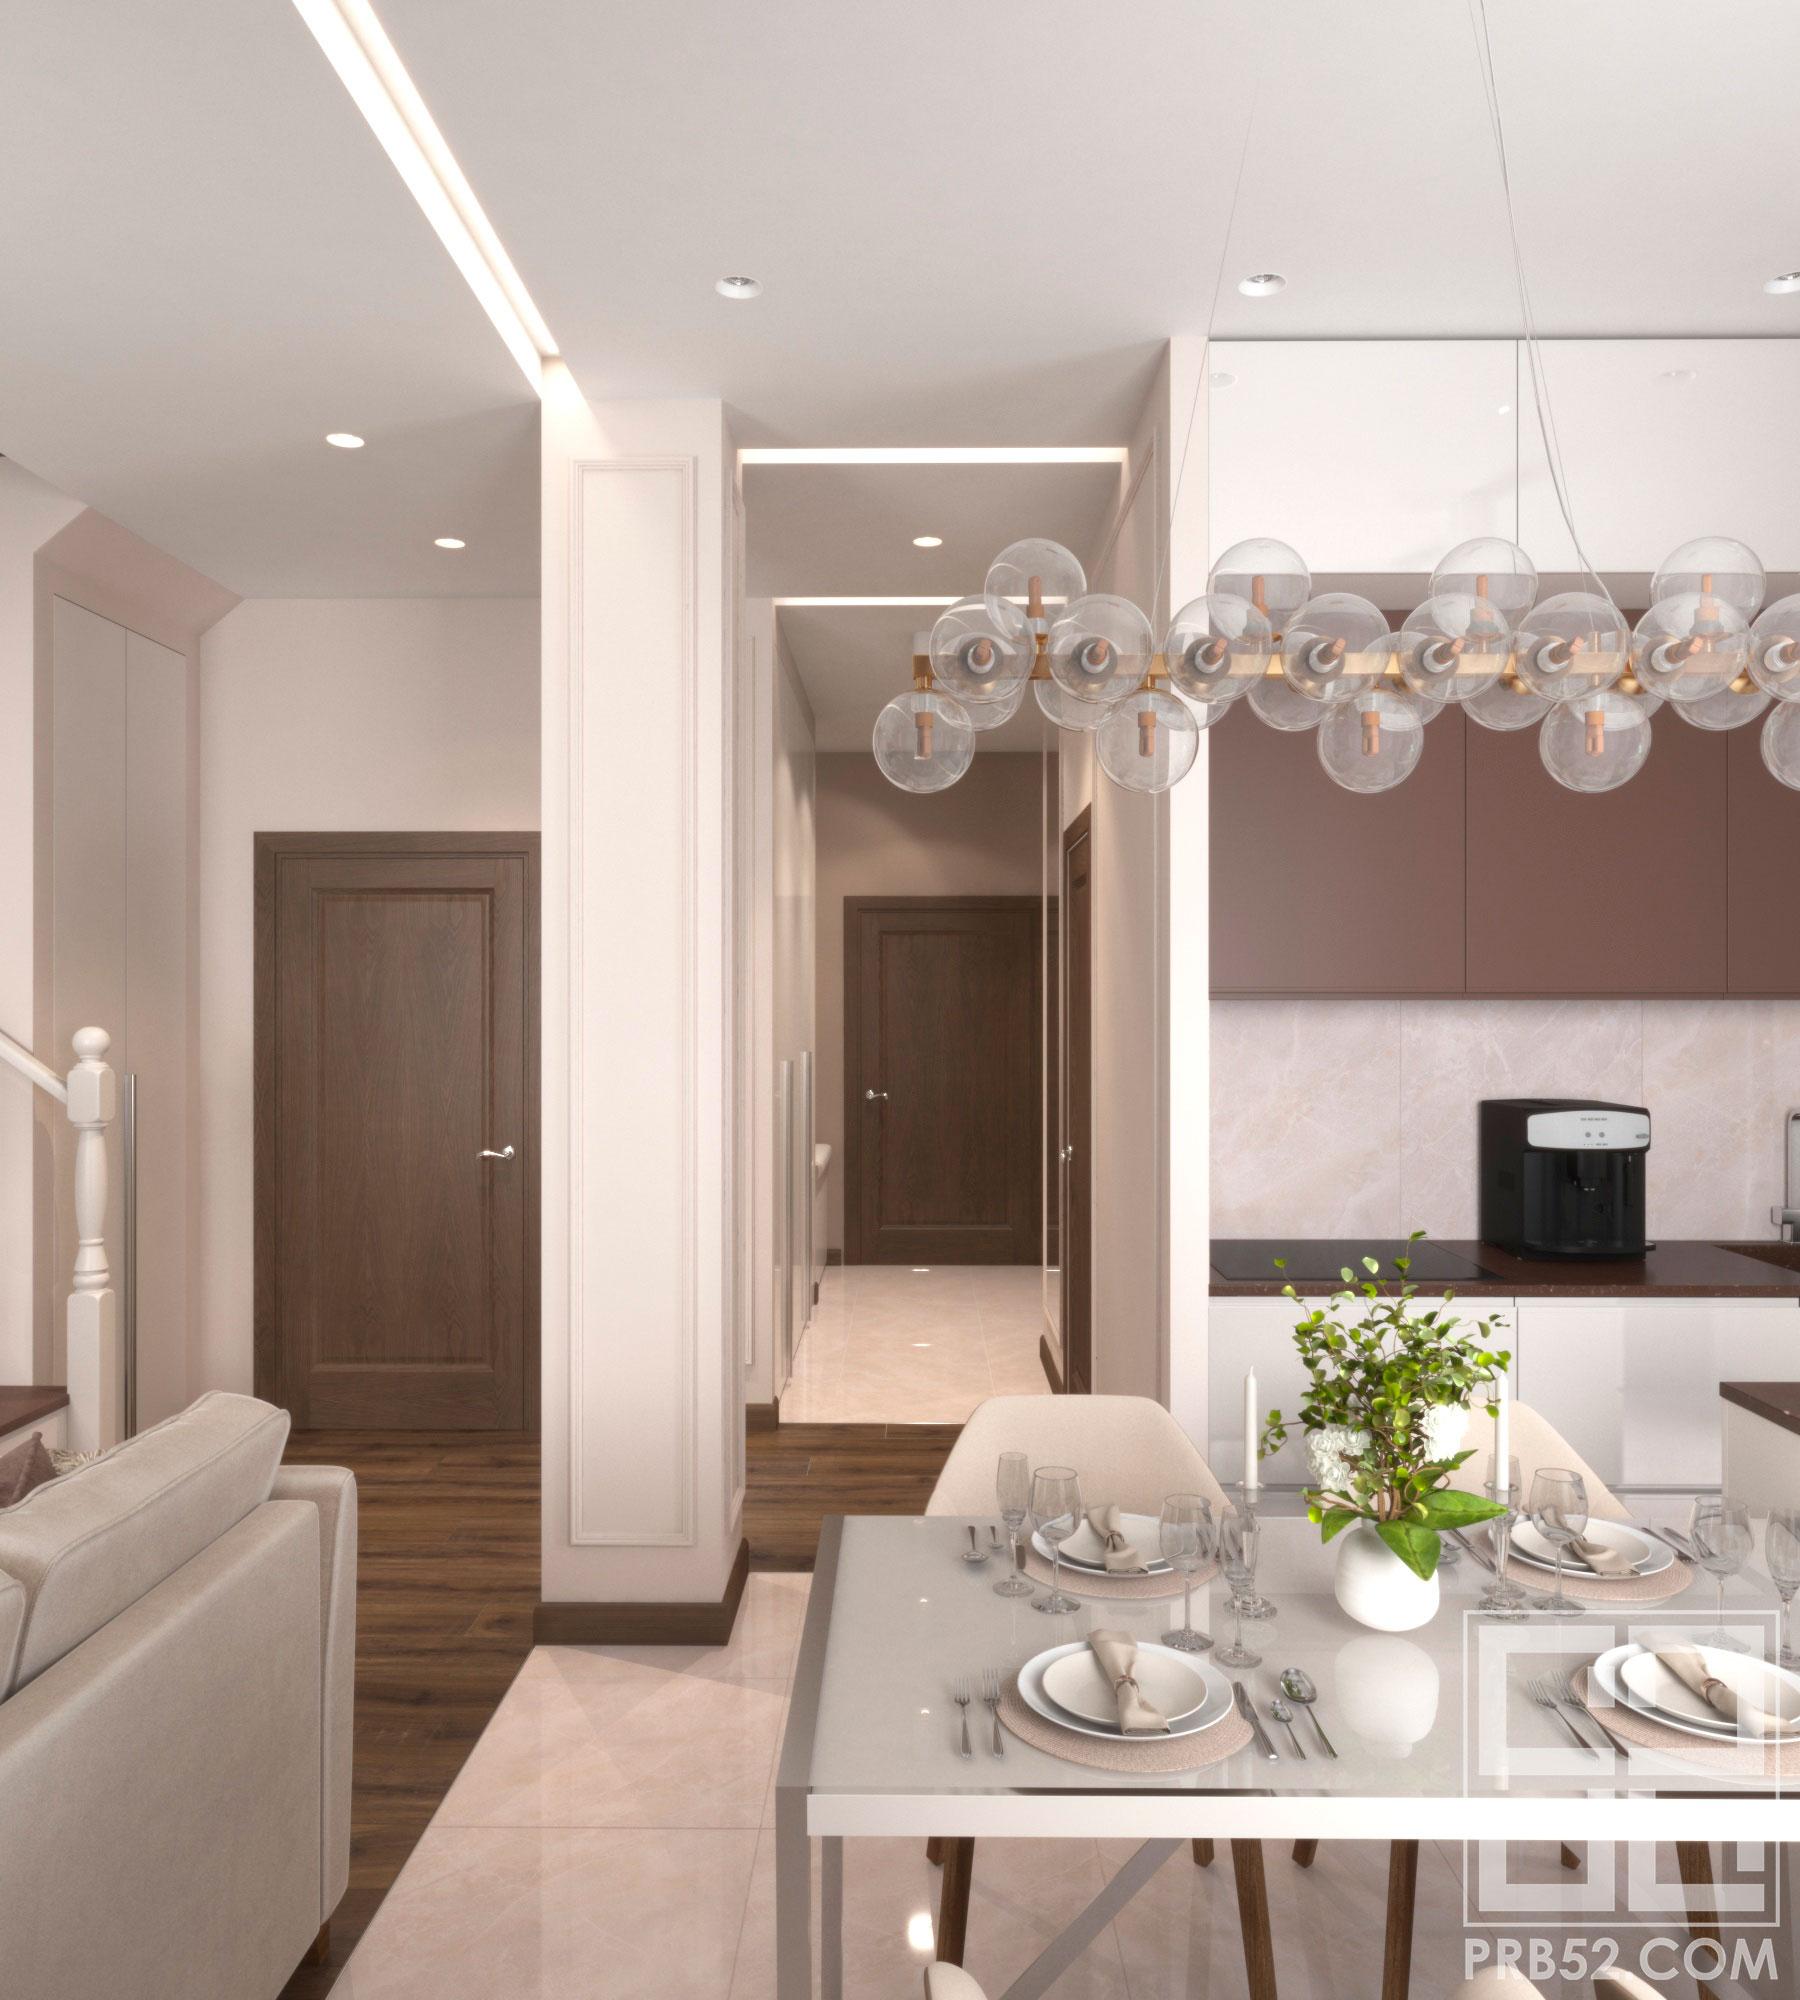 дизайн кухни совмещенной